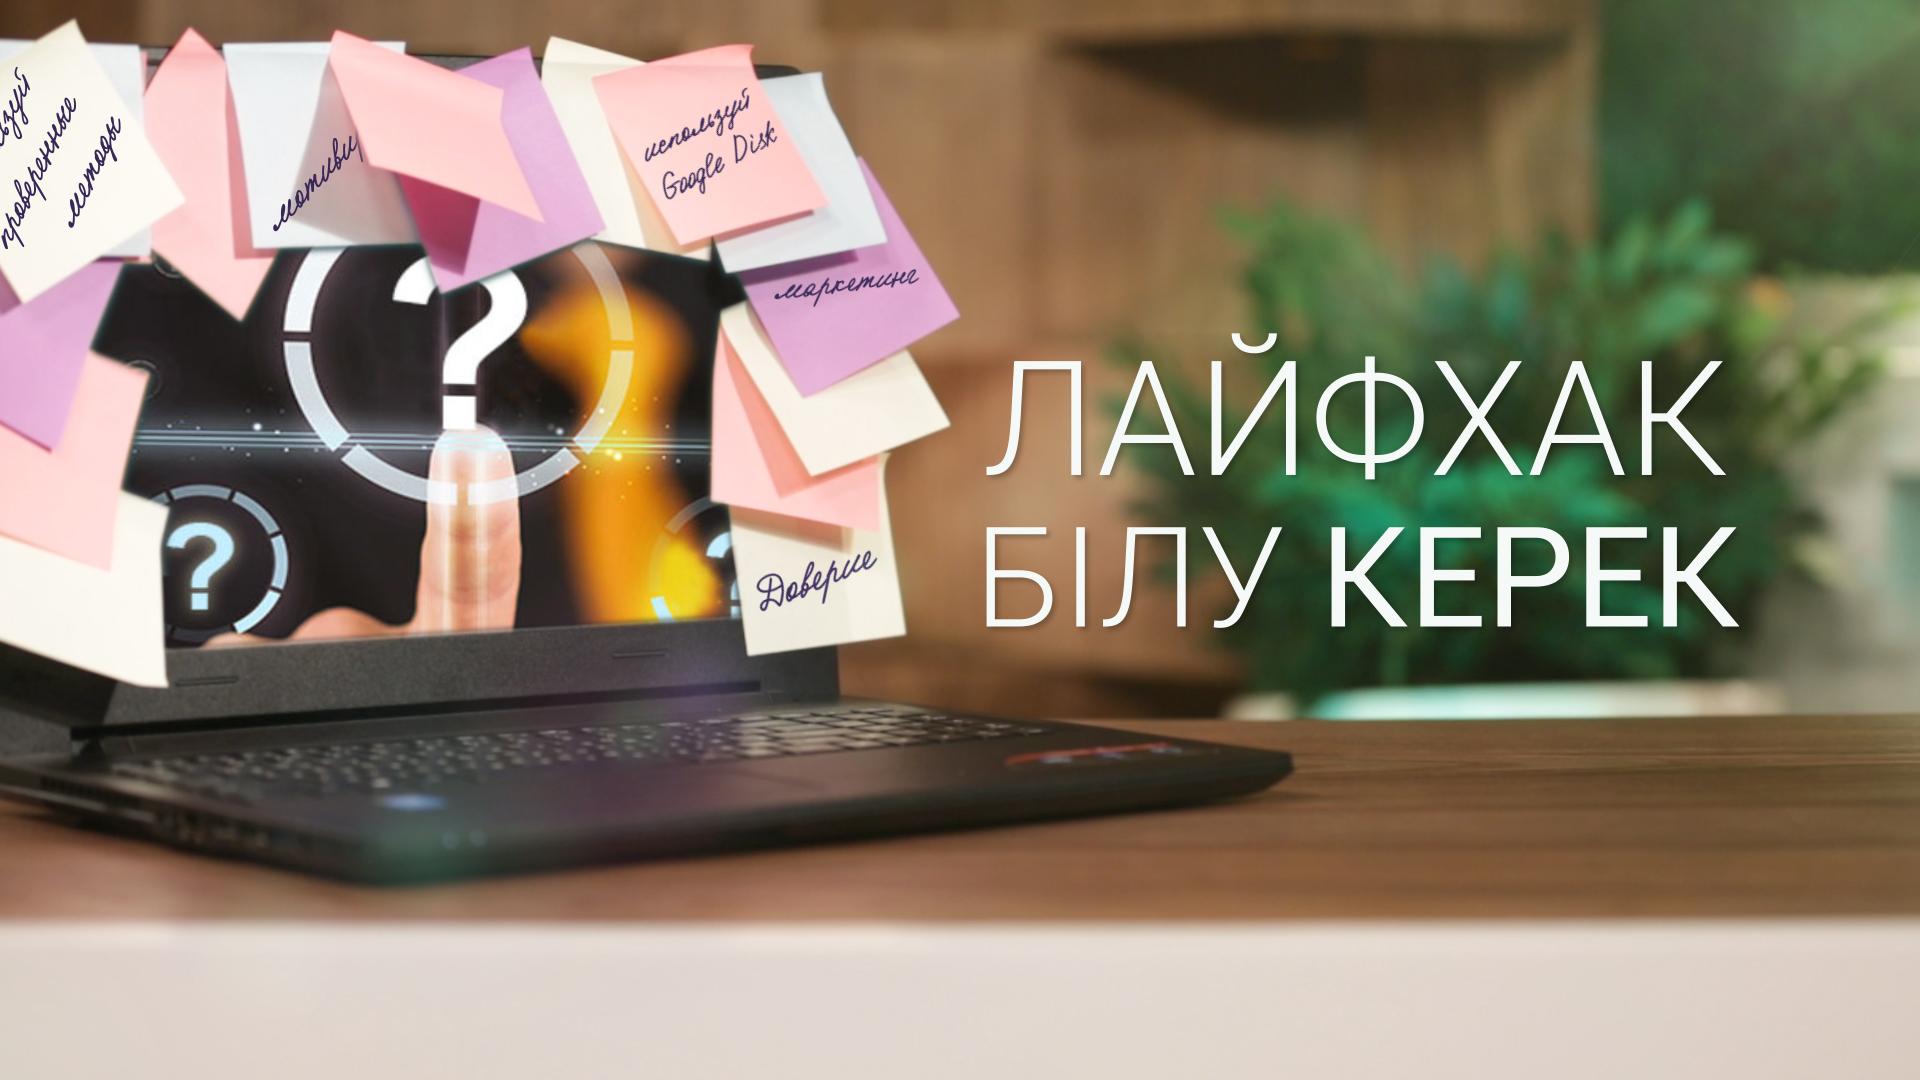 https://inbusiness.kz/ru/images/programbig/1/images/80fdh0BR.jpg